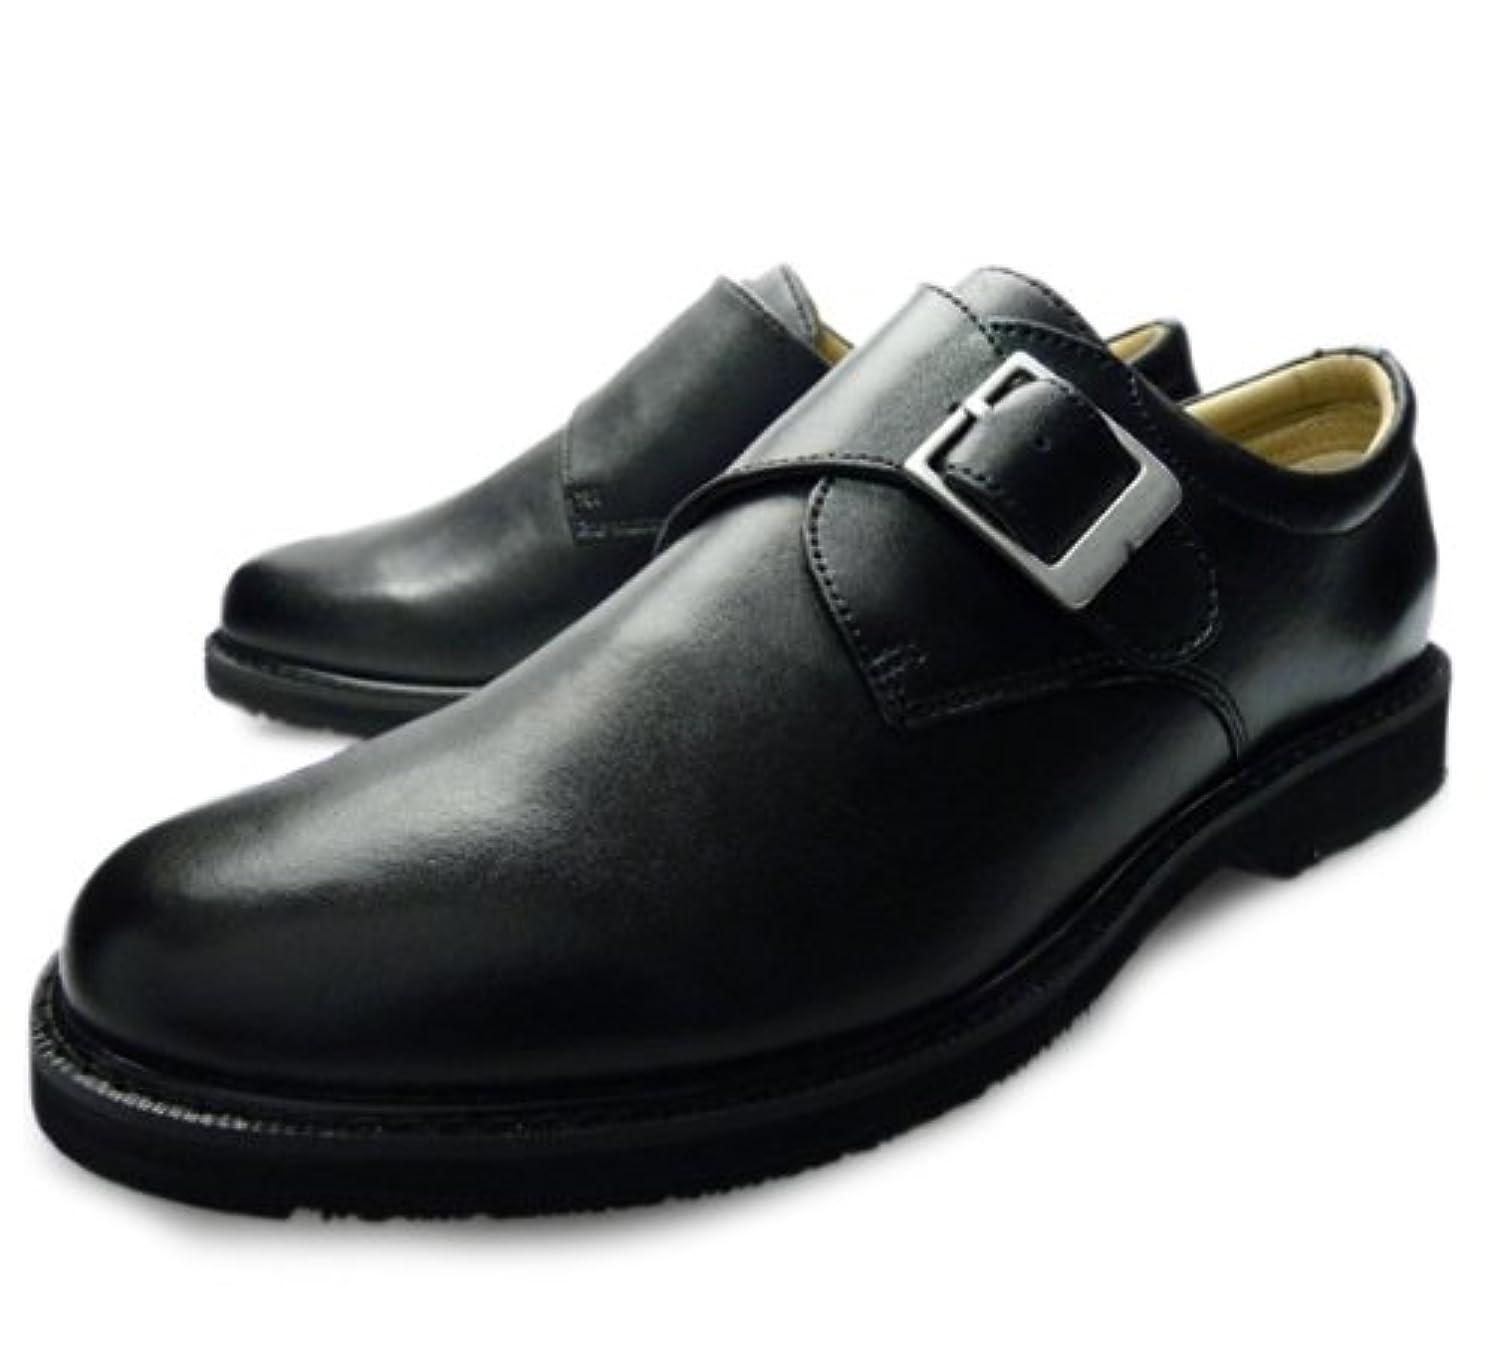 嬉しいですけがをする手足メンズ 本革 ビジネスシューズ 3E (EEE) 革靴 紳士靴 モンク [ブラック 黒] black [ウォーカーズメイト] WALKERS MATE 6600 ビジネスウォーキング